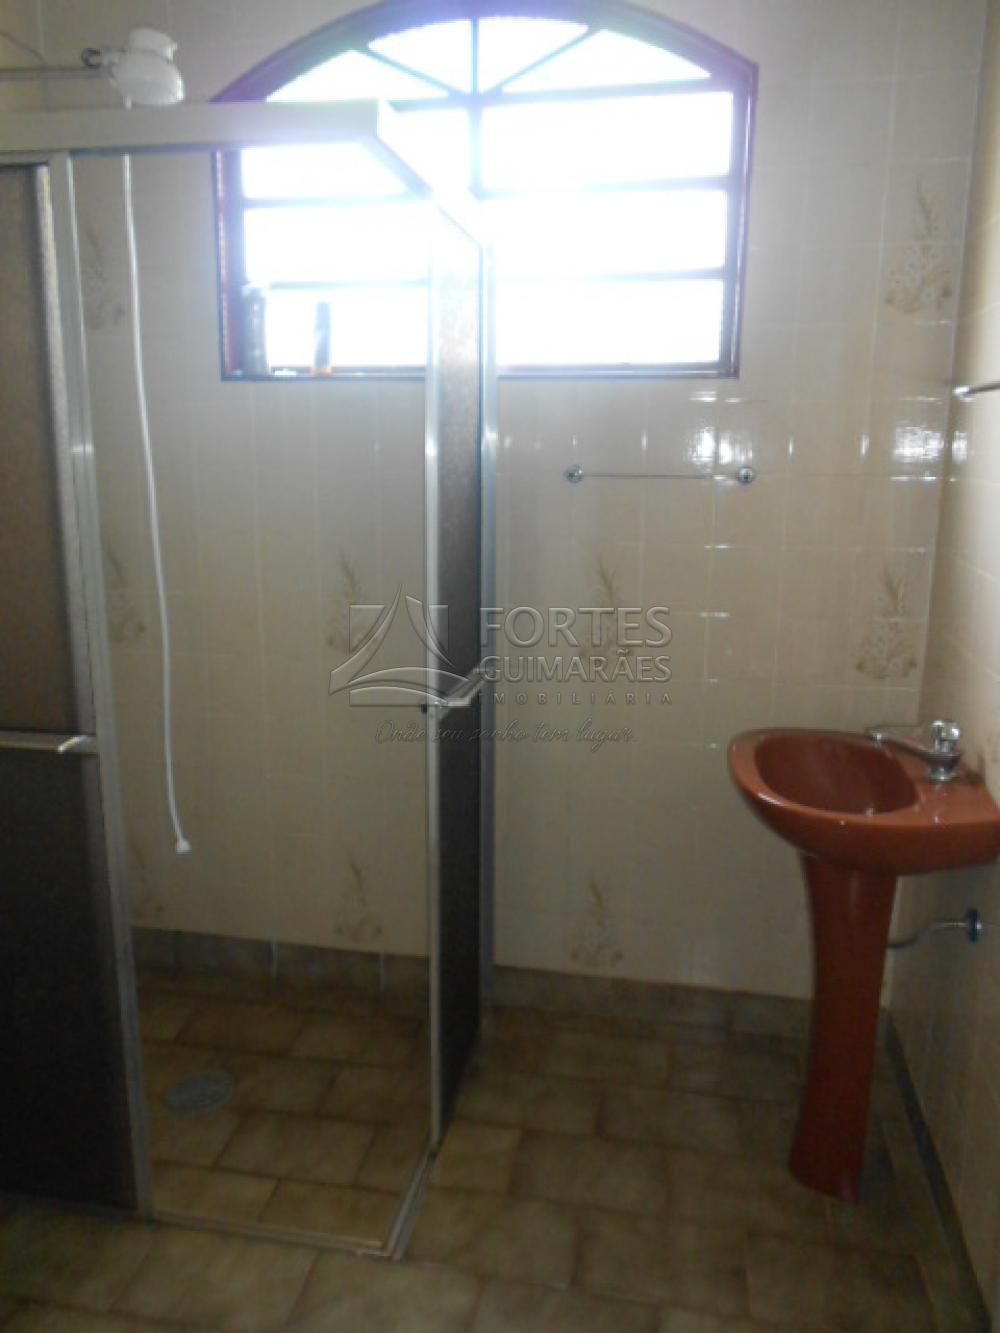 Alugar Casas / Condomínio em Jardinópolis apenas R$ 2.500,00 - Foto 28